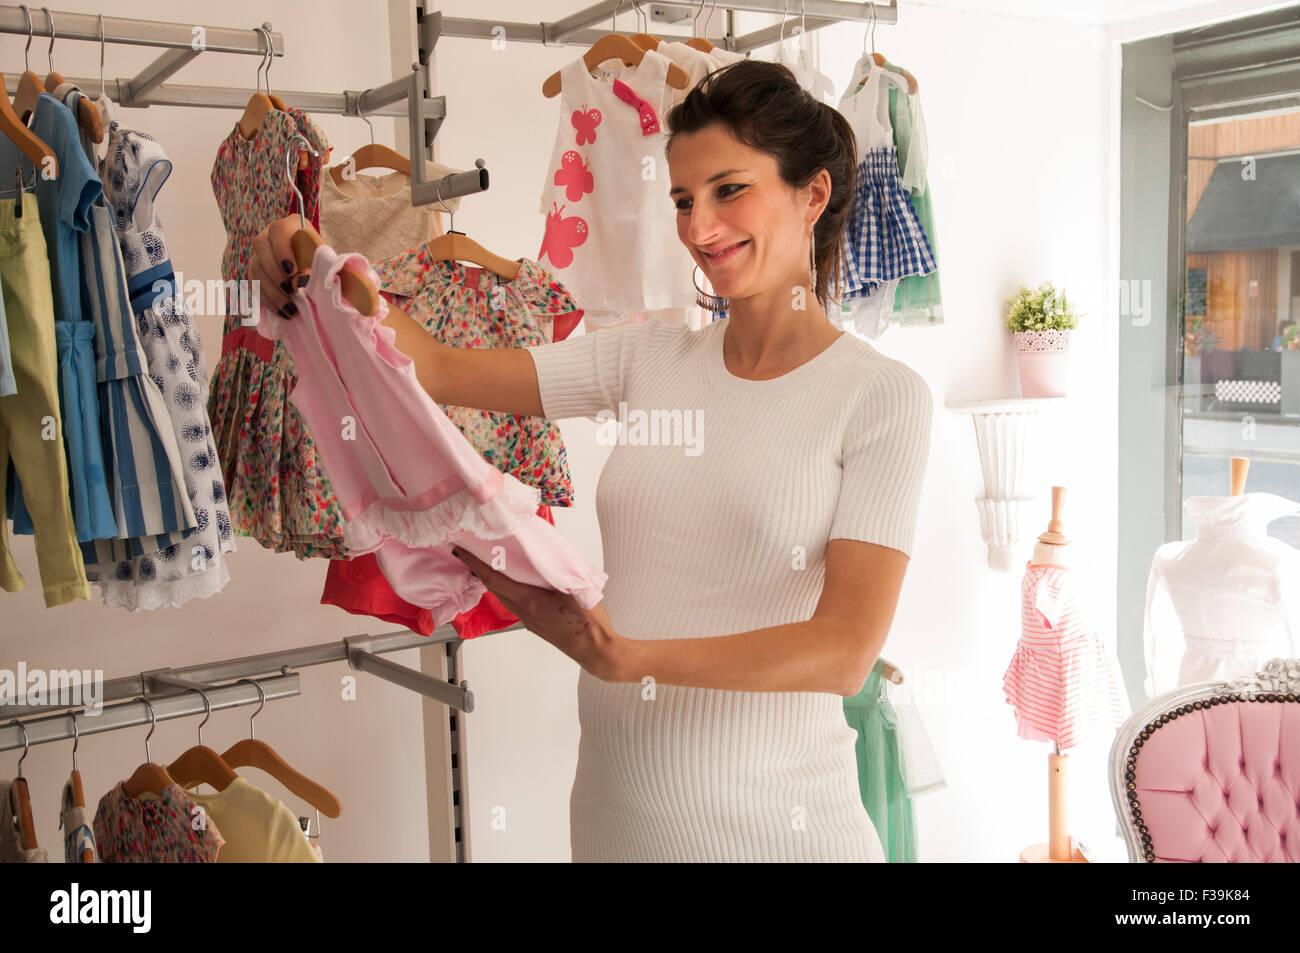 Retrato de una mujer embarazada sonriendo mirando en una tienda de ropa para bebés Imagen De Stock